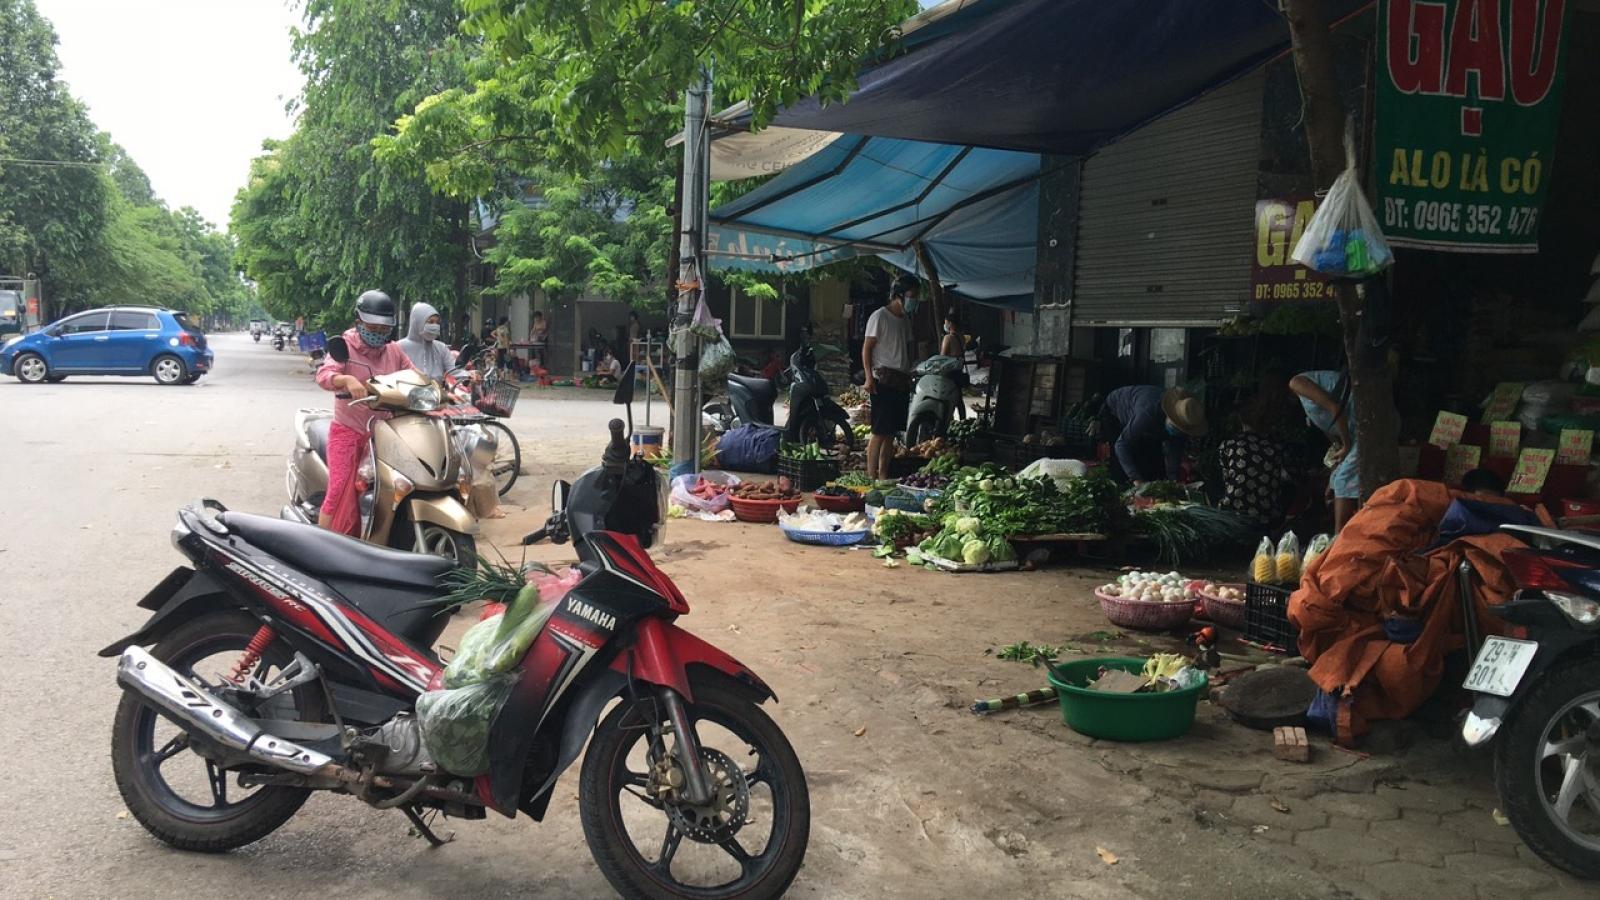 Chợ cóc vẫn ngang nhiên họp trên vỉa hè bất chấp lệnh cấm